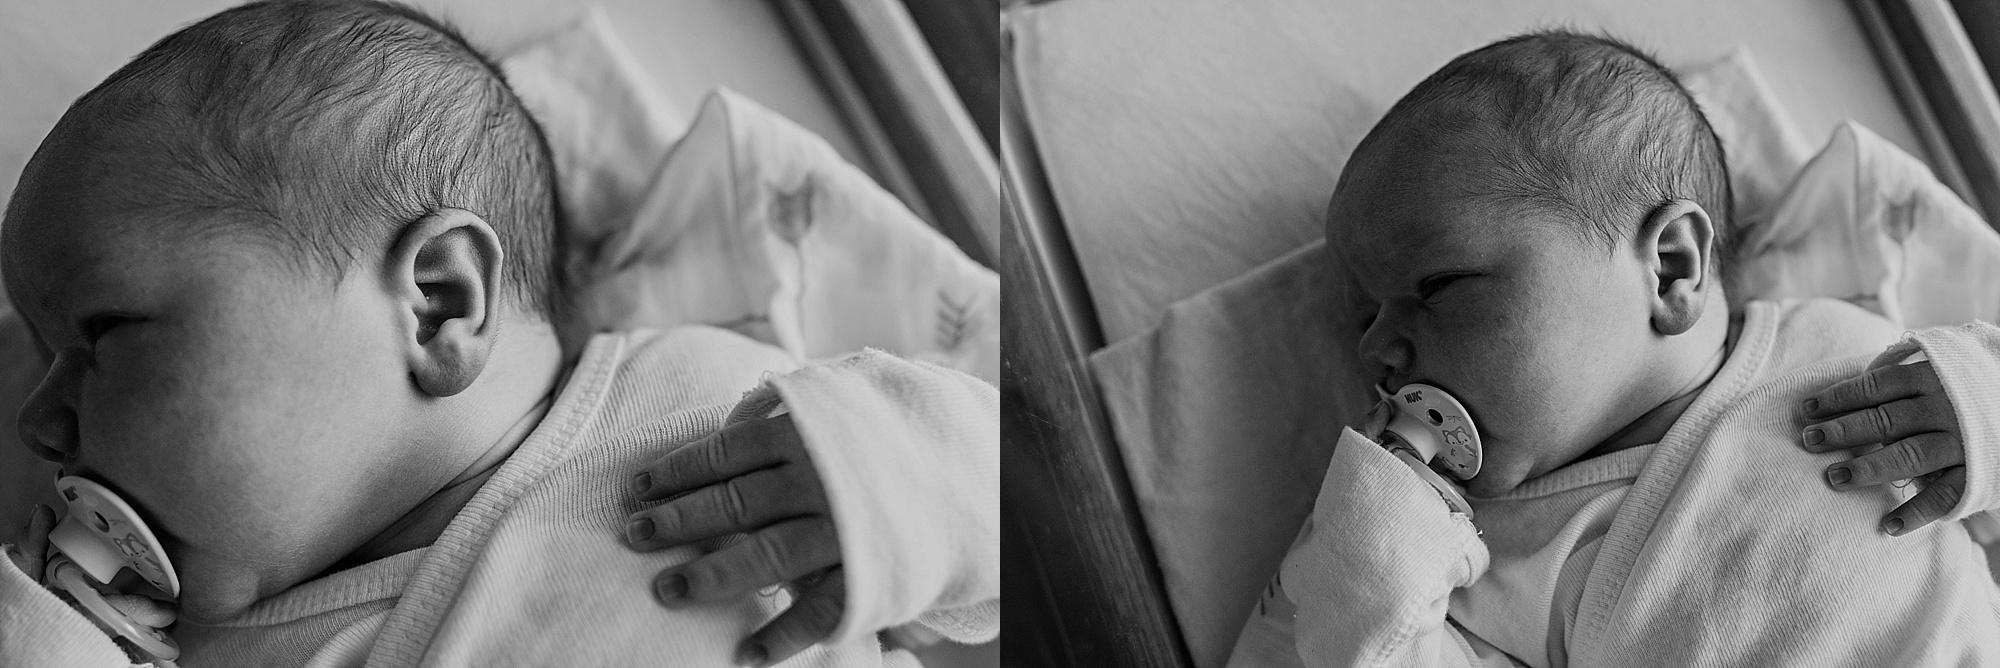 Dudones-family-cleveland-photographer-lauren-grayson-fresh-48-session_0034.jpg